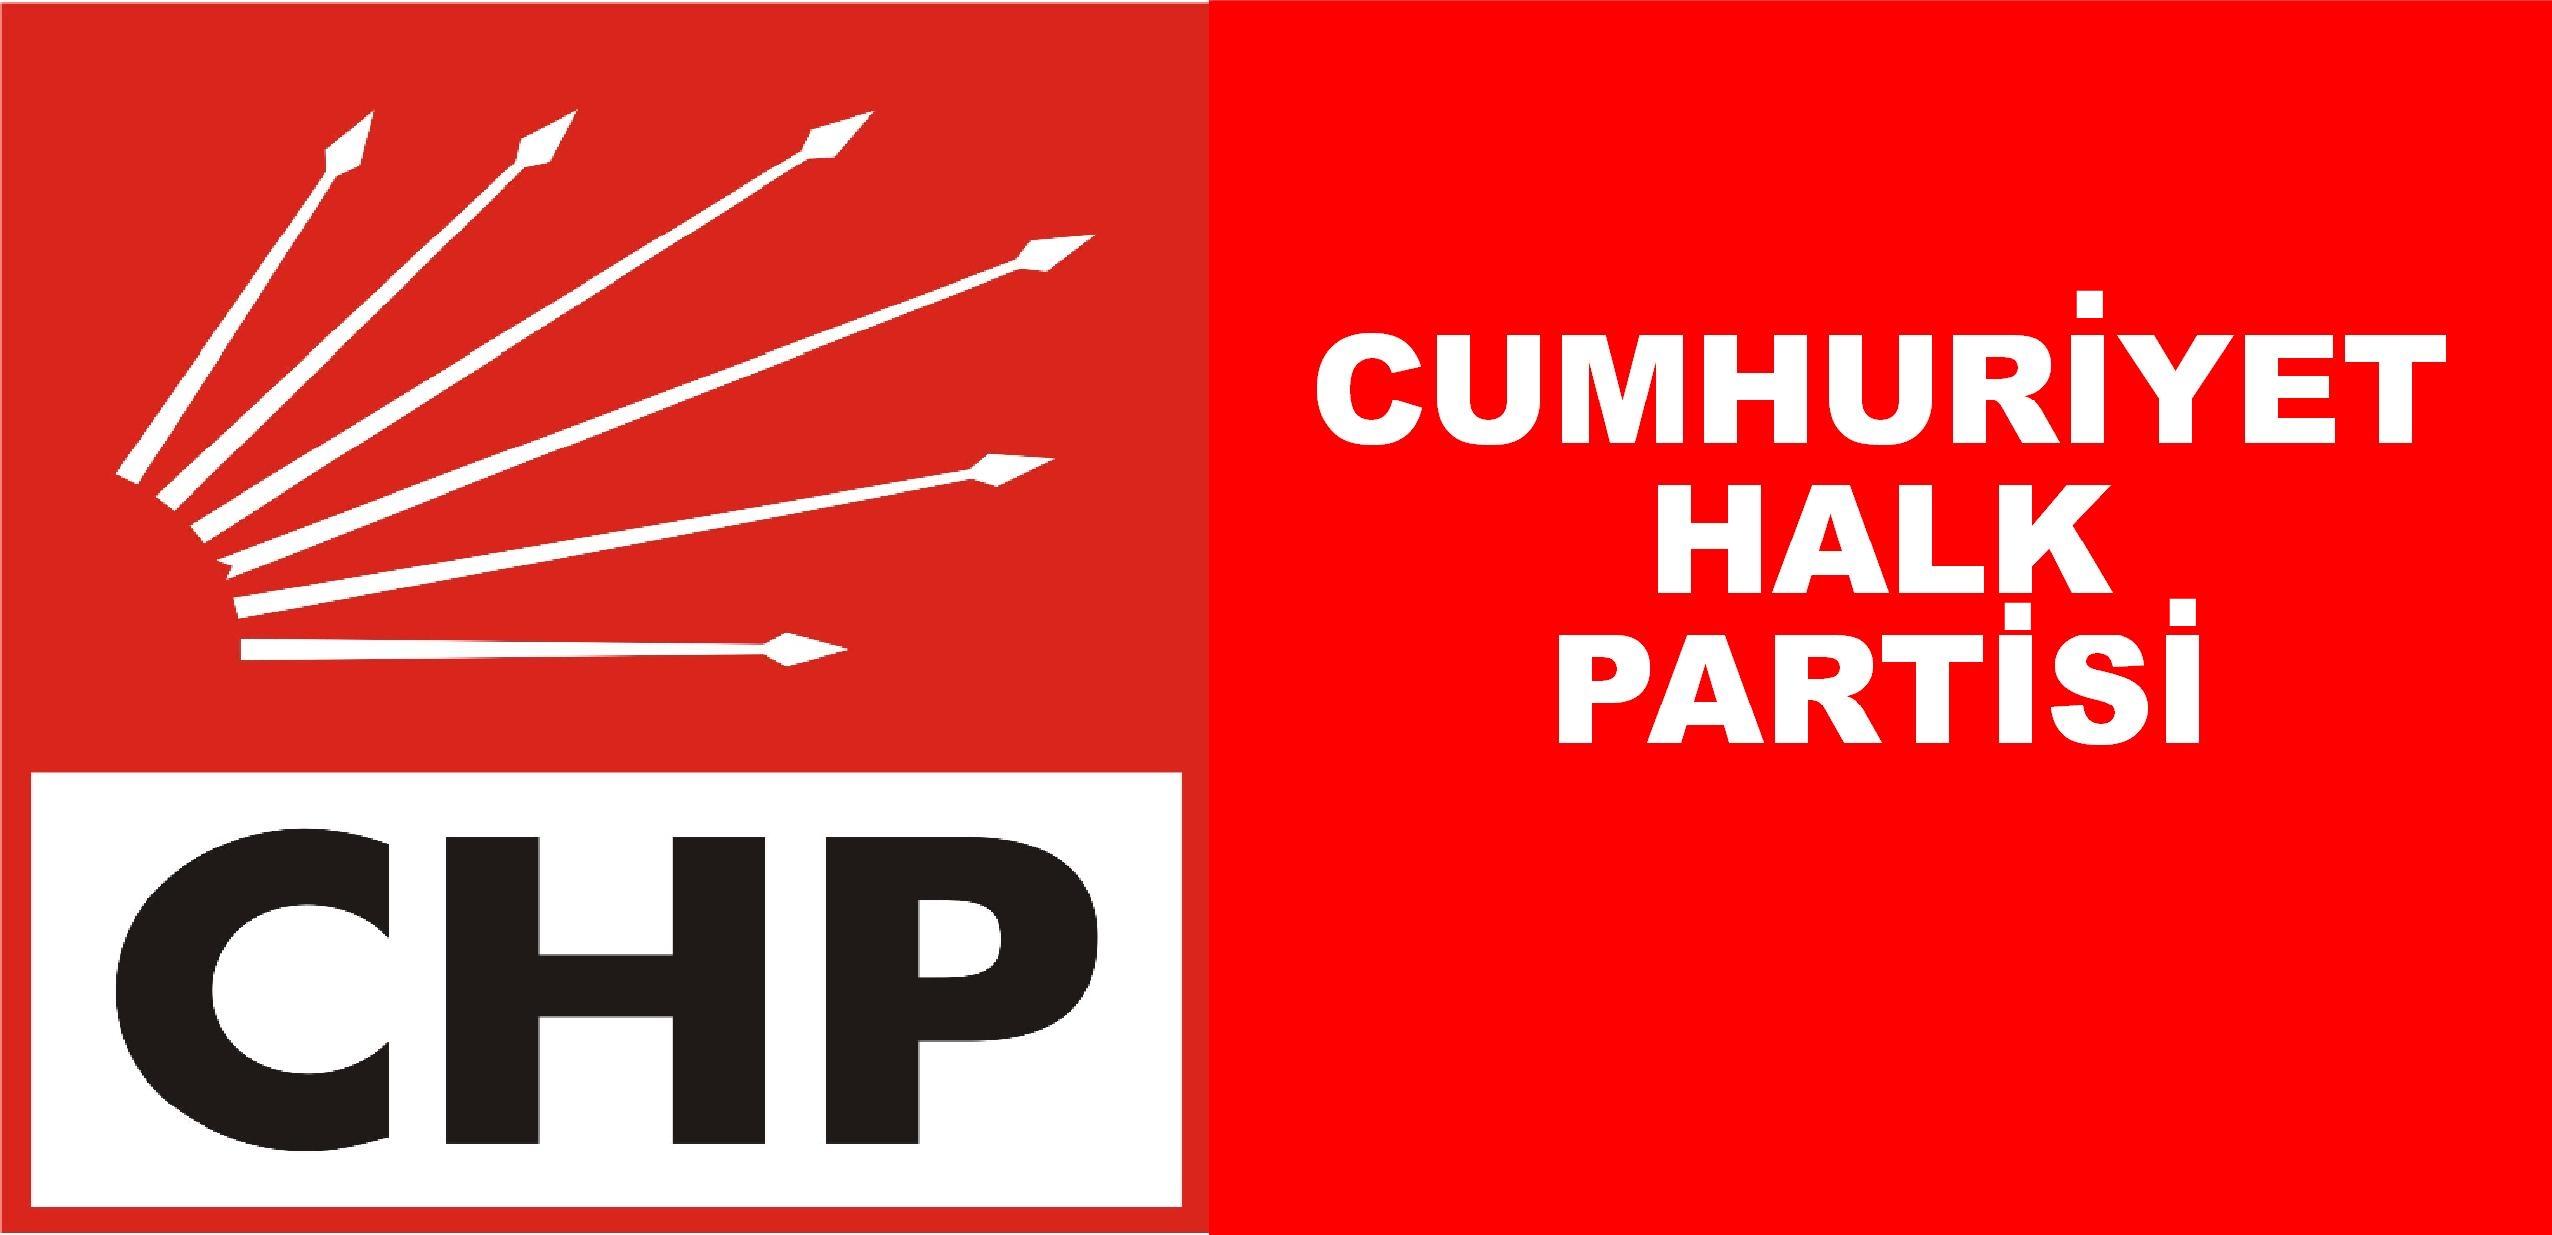 CHP'DE GENEL BAŞKAN BELLİ OLDU